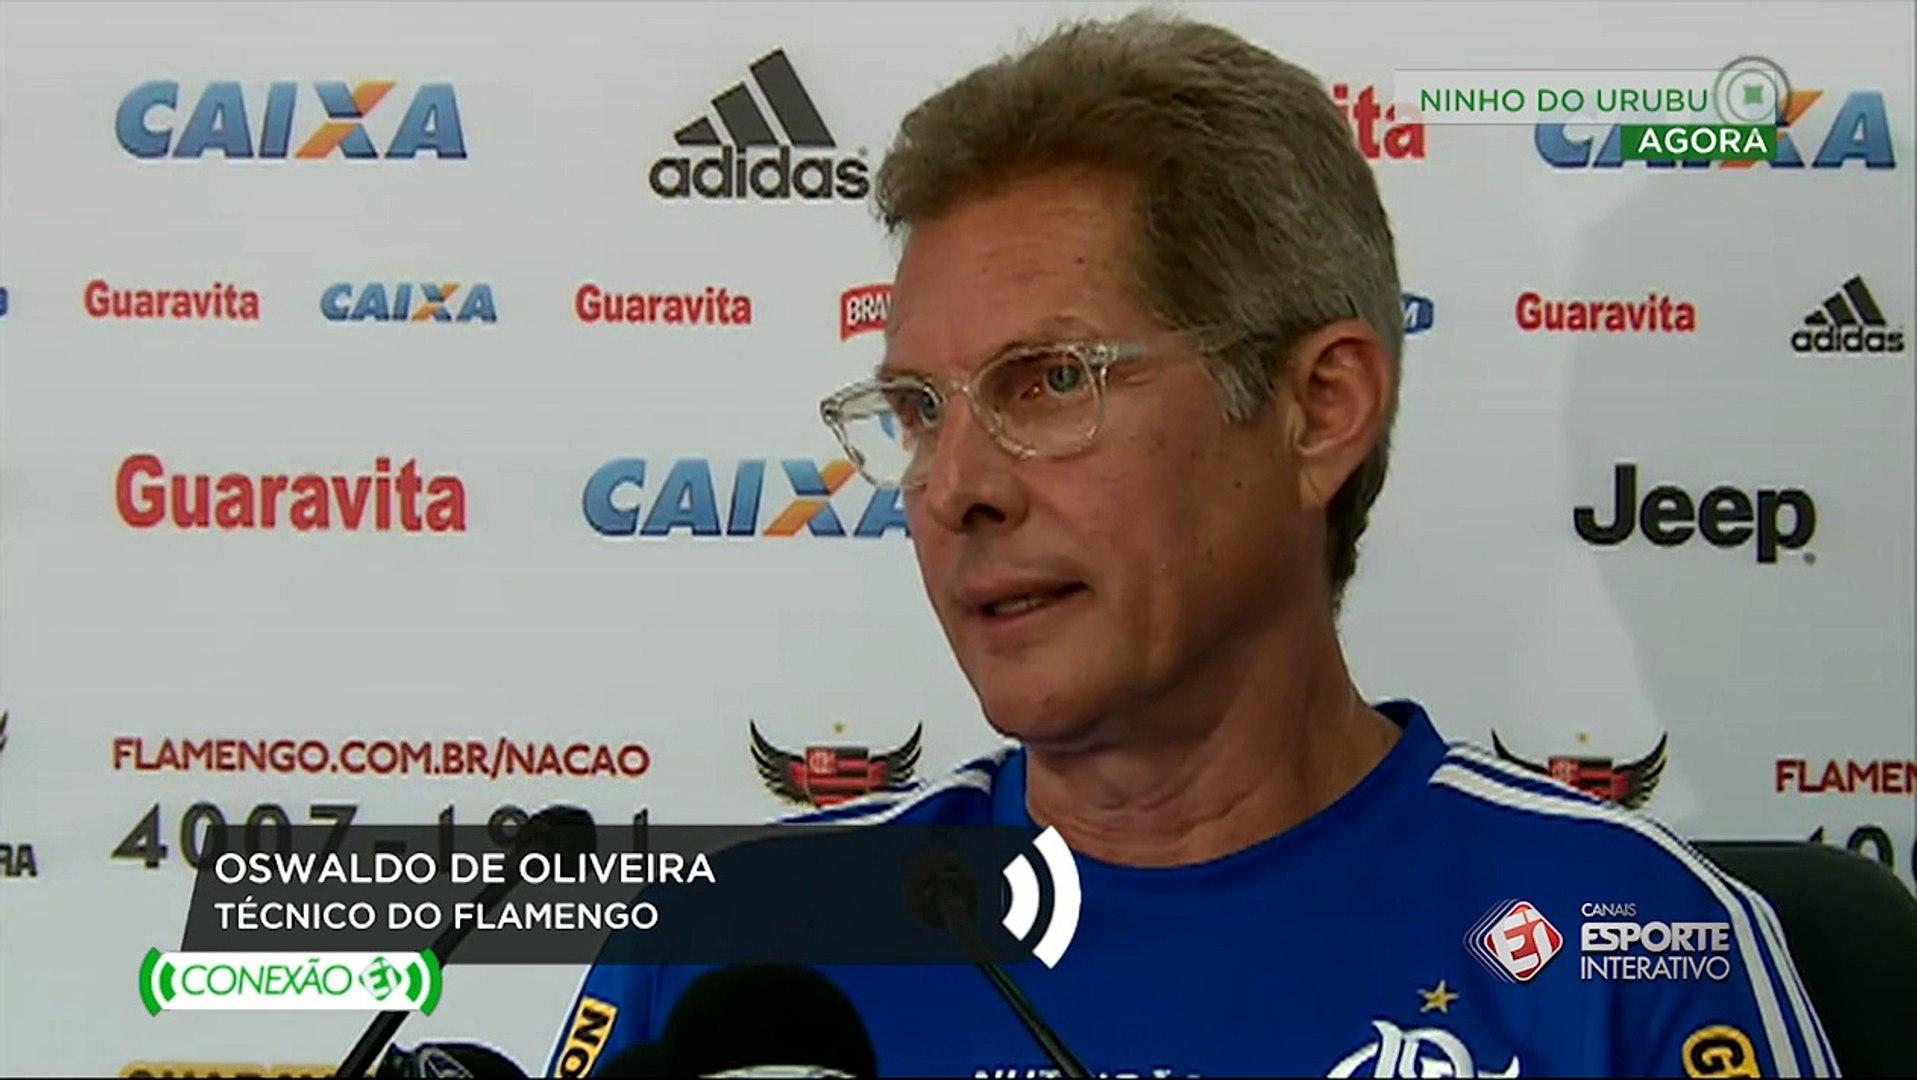 'Obrigação de honrar a camisa do Flamengo', diz Oswaldo de Oliveira sobre levar time titul